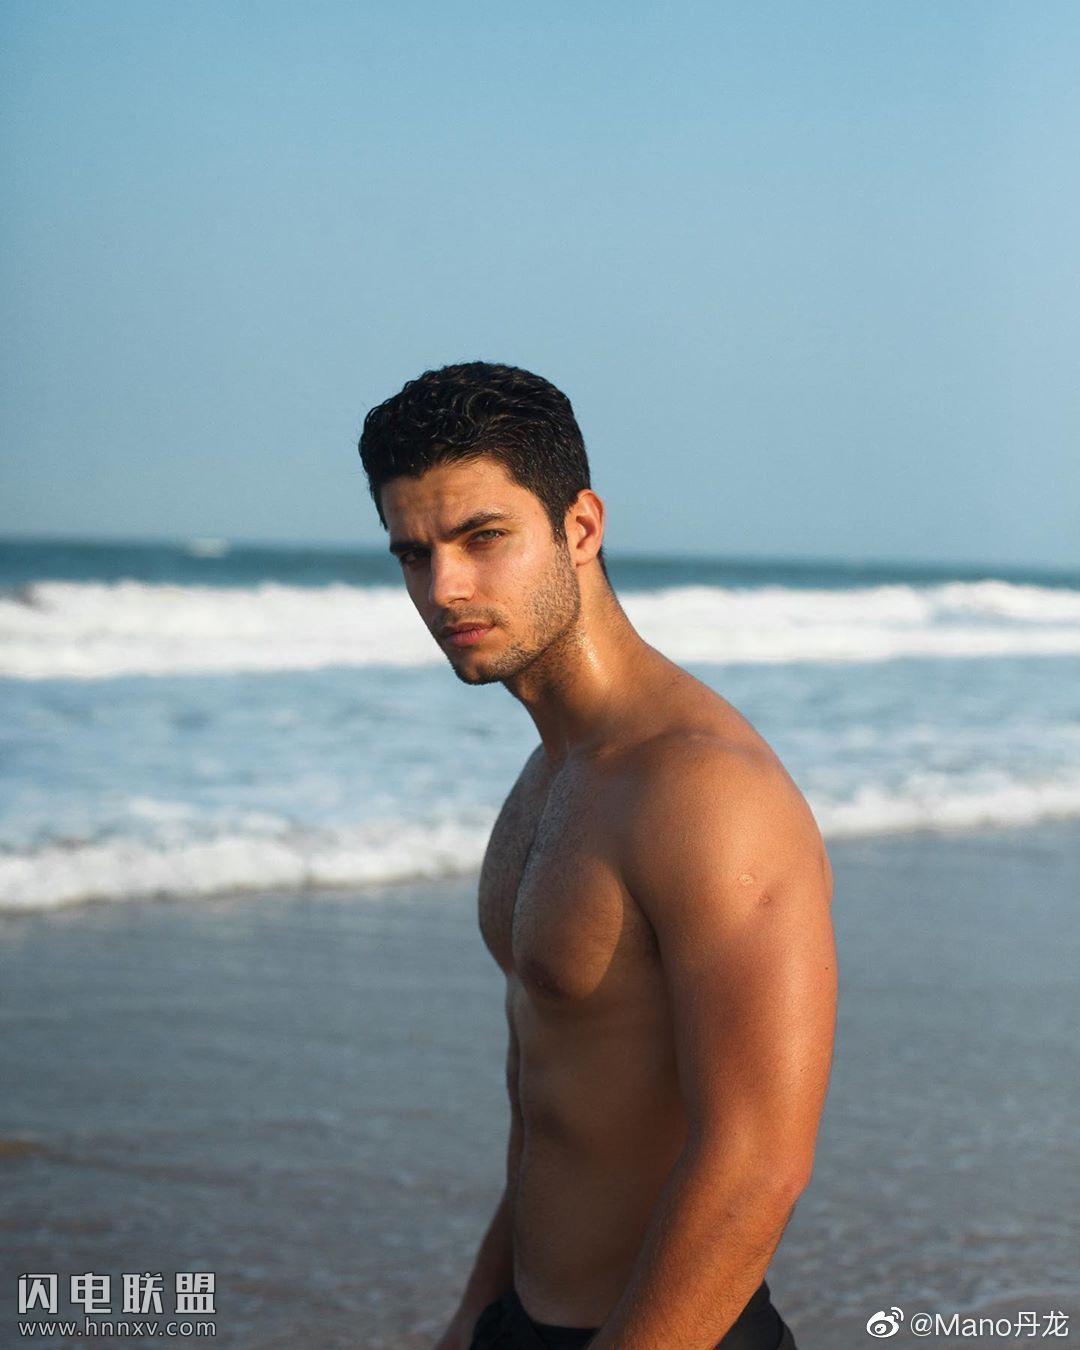 欧美肌肉男模帅哥海边性感文艺内裤写真第7张